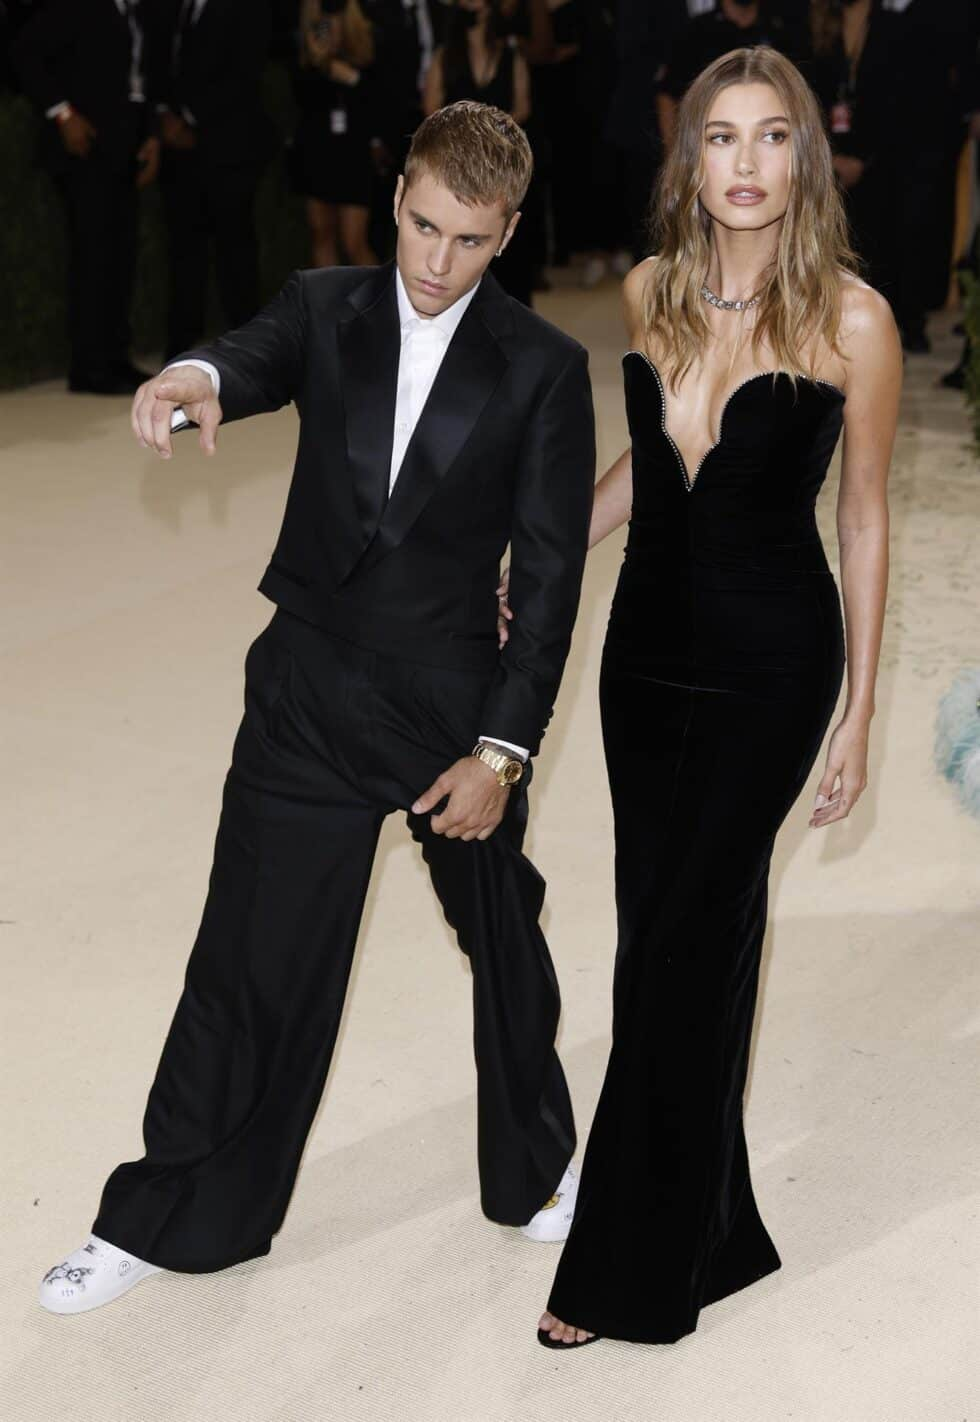 El cantante Justin Bieber y la modelo Hailey Bieber, vestidos por la firma Saint Laurent